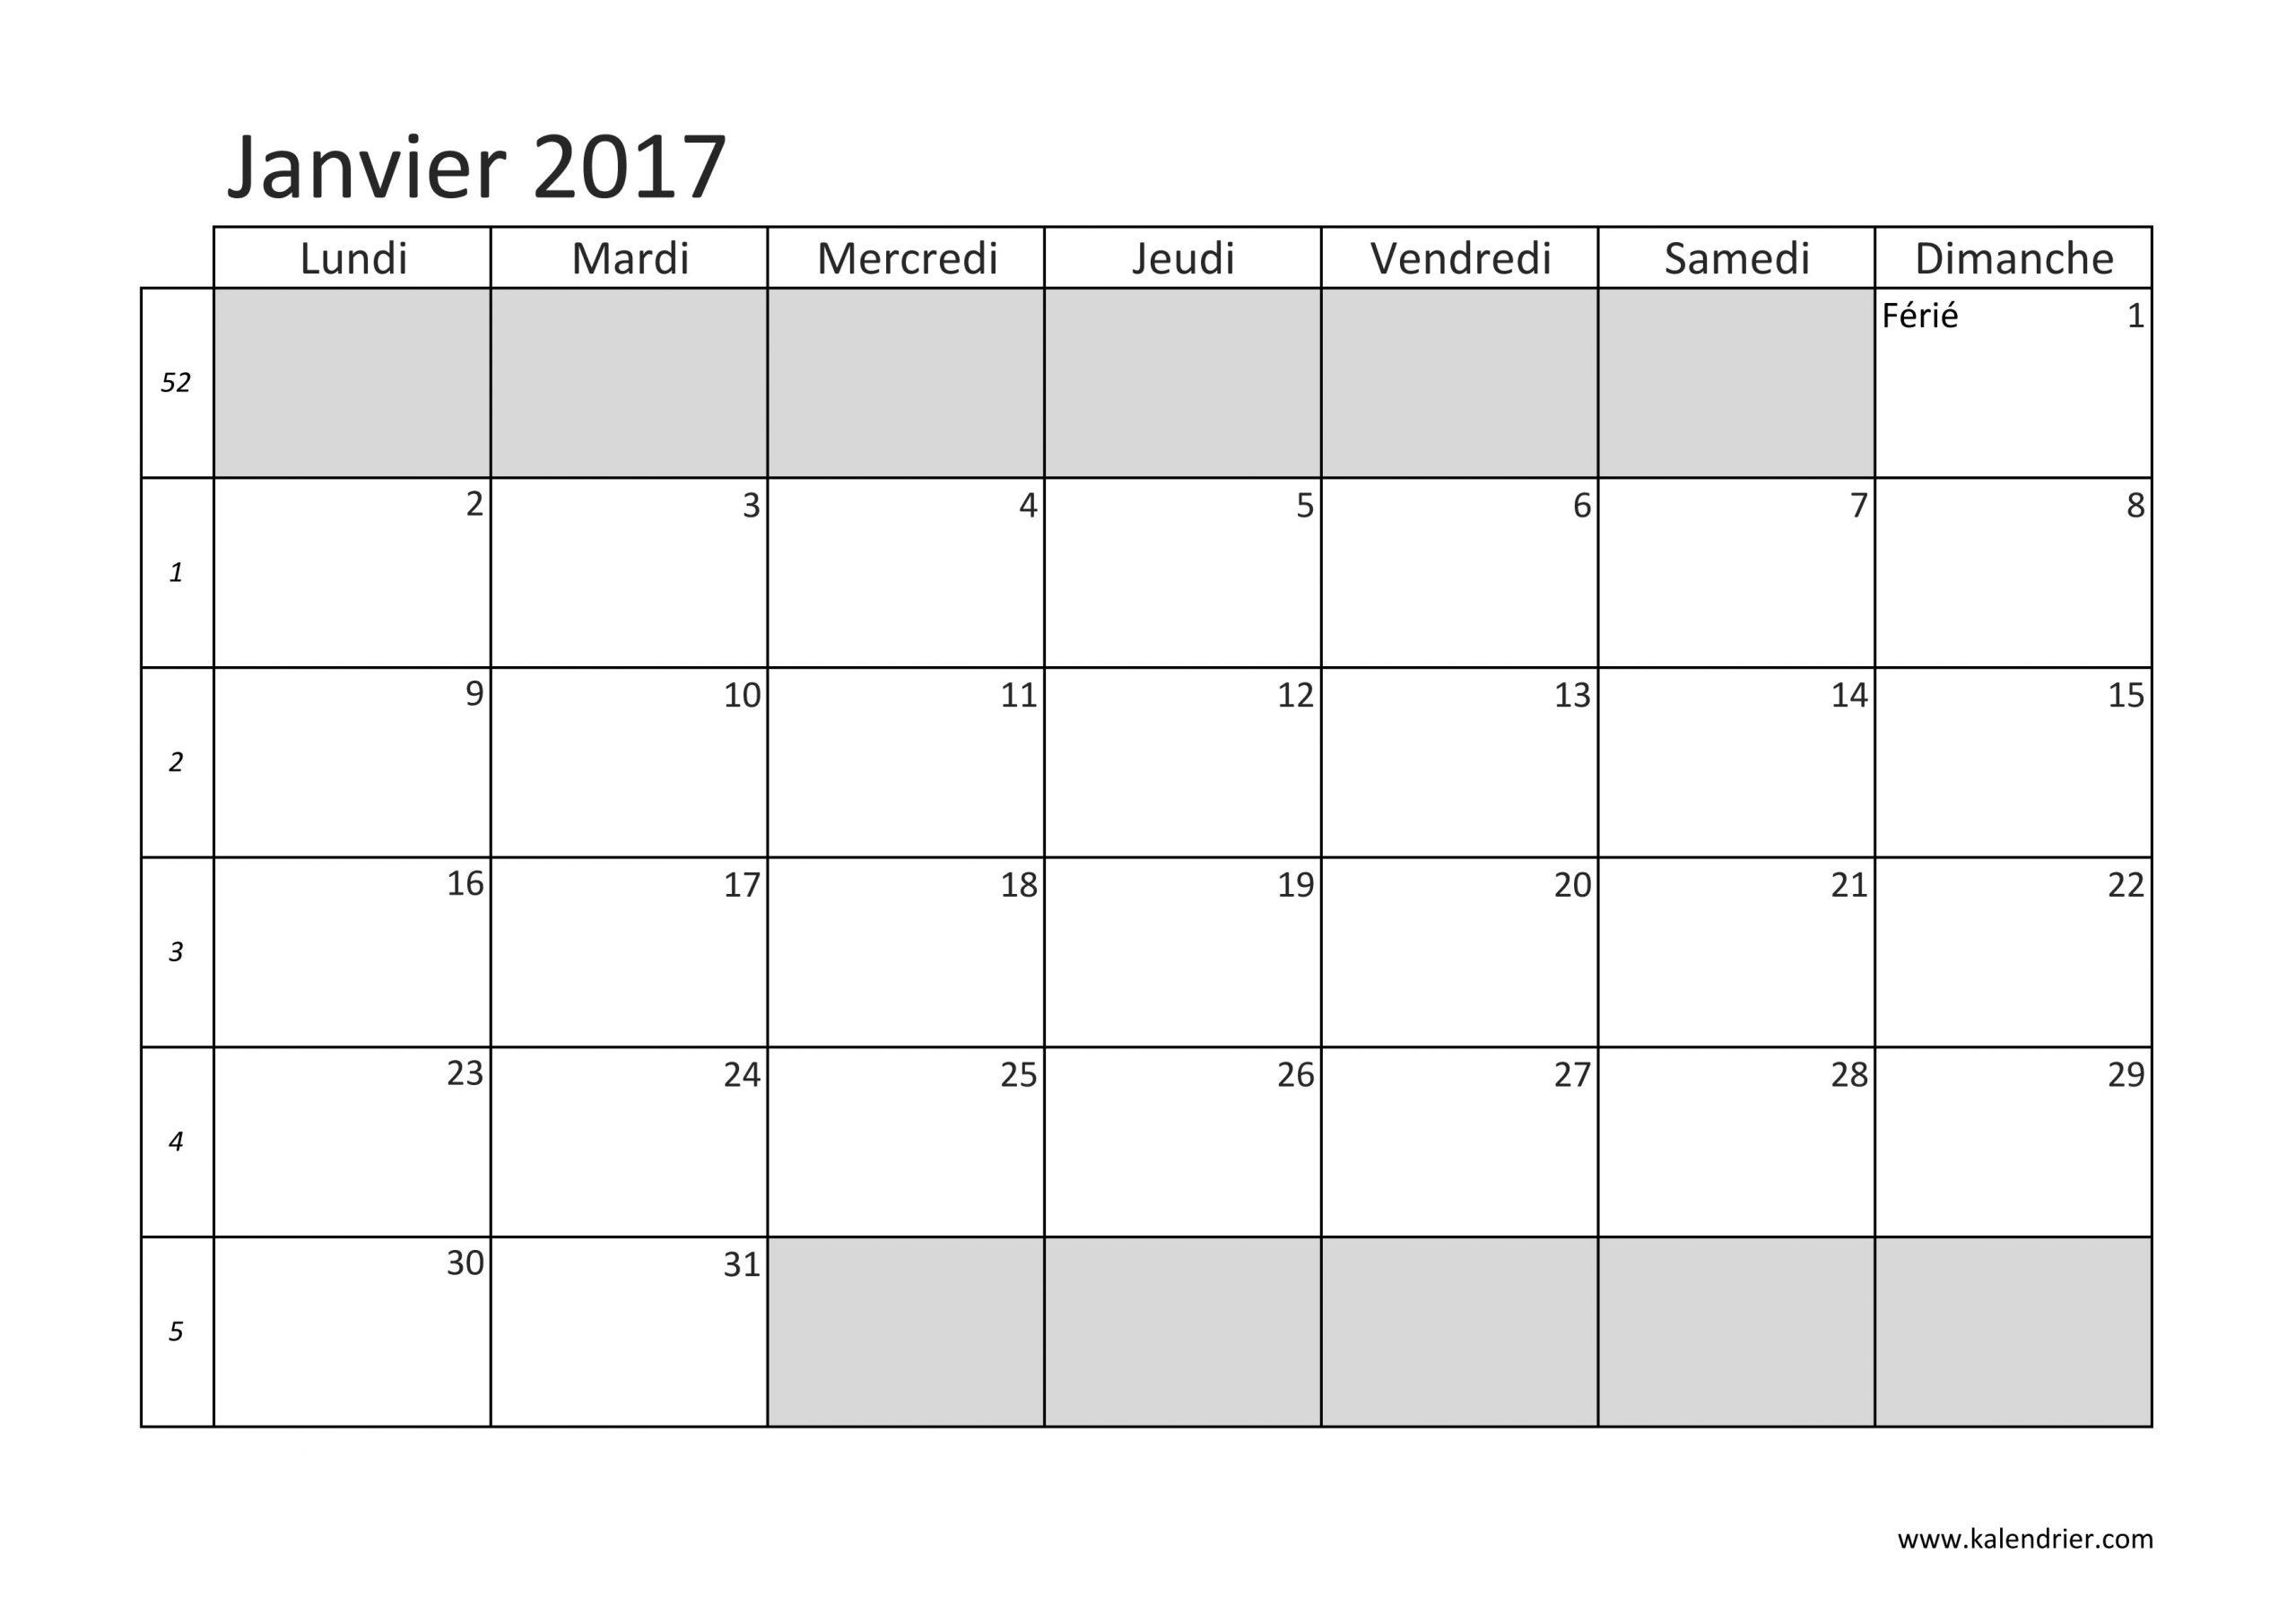 Imprimer Calendrier 2017 Gratuitement - Pdf, Xls Et Jpg destiné Calendrier Mensuel 2018 À Imprimer